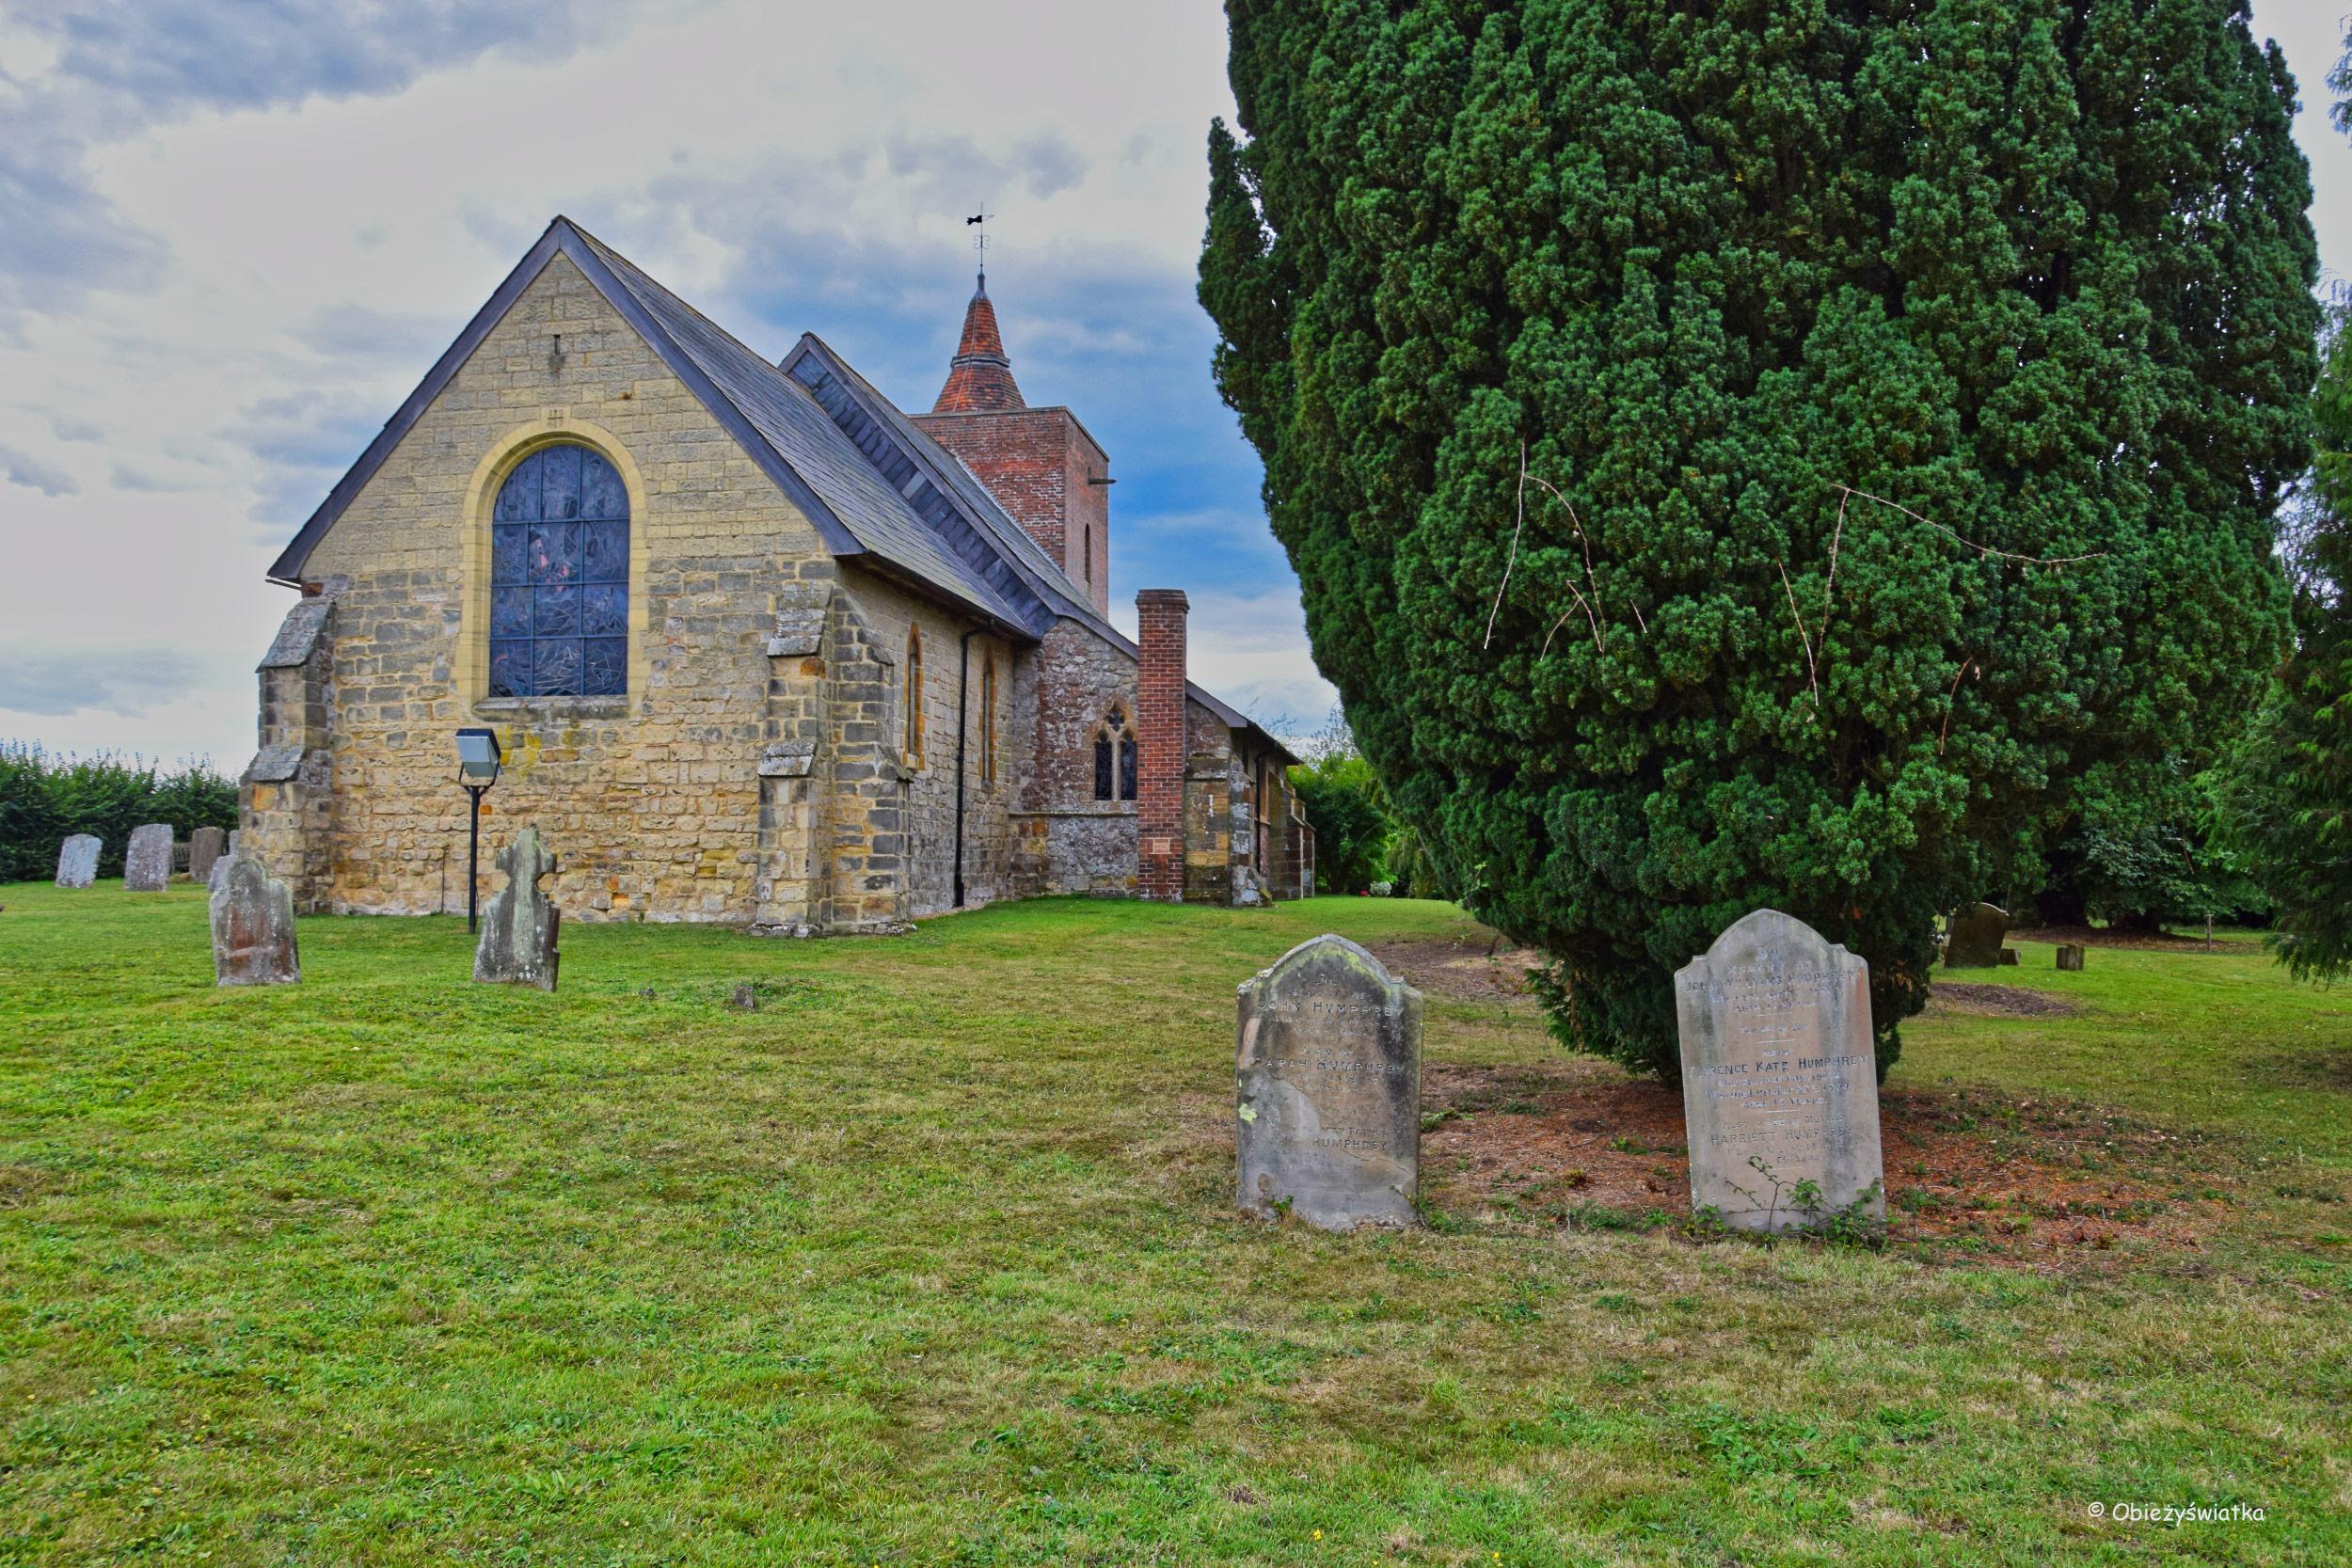 Wokół kościółka w Tudeley, Wielka Brytania